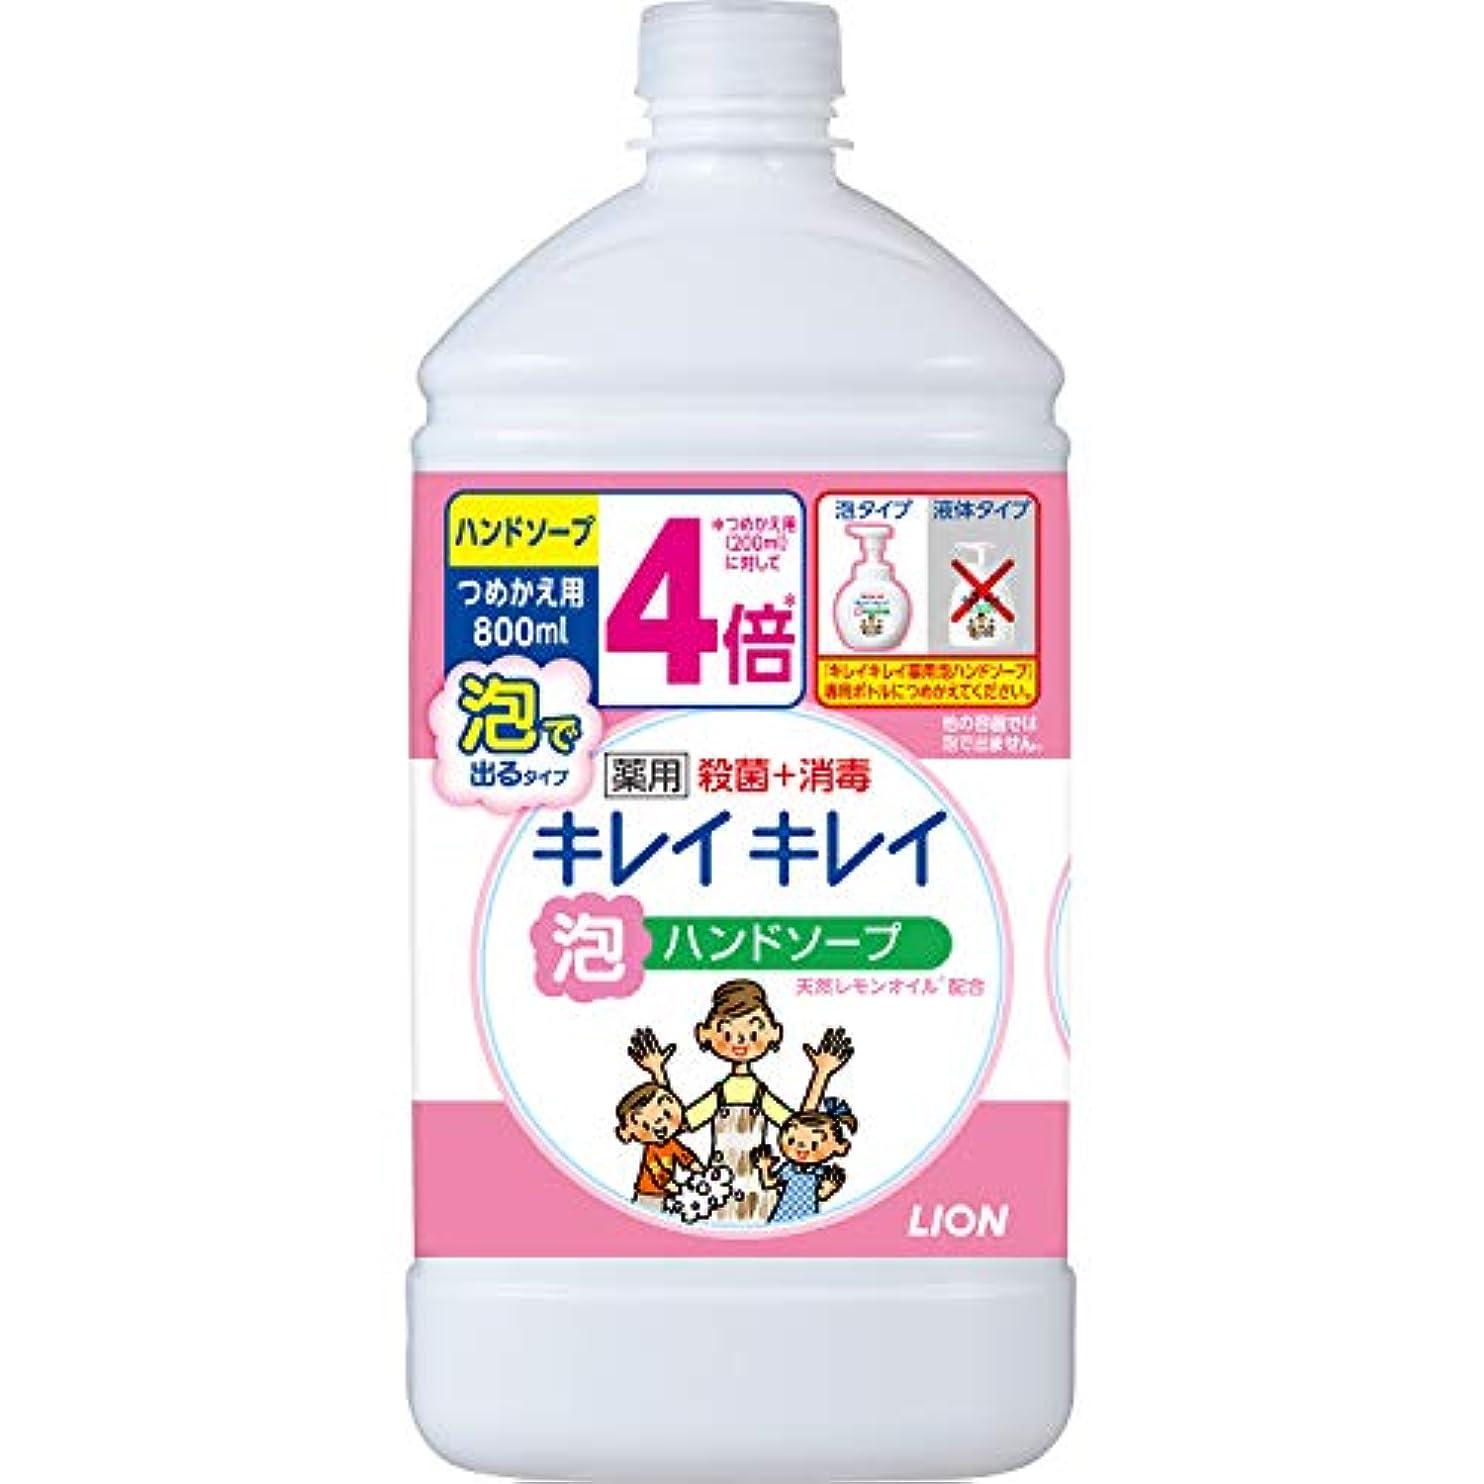 ますます解説不潔(医薬部外品)【大容量】キレイキレイ 薬用 泡ハンドソープ シトラスフルーティの香り 詰替特大 800ml